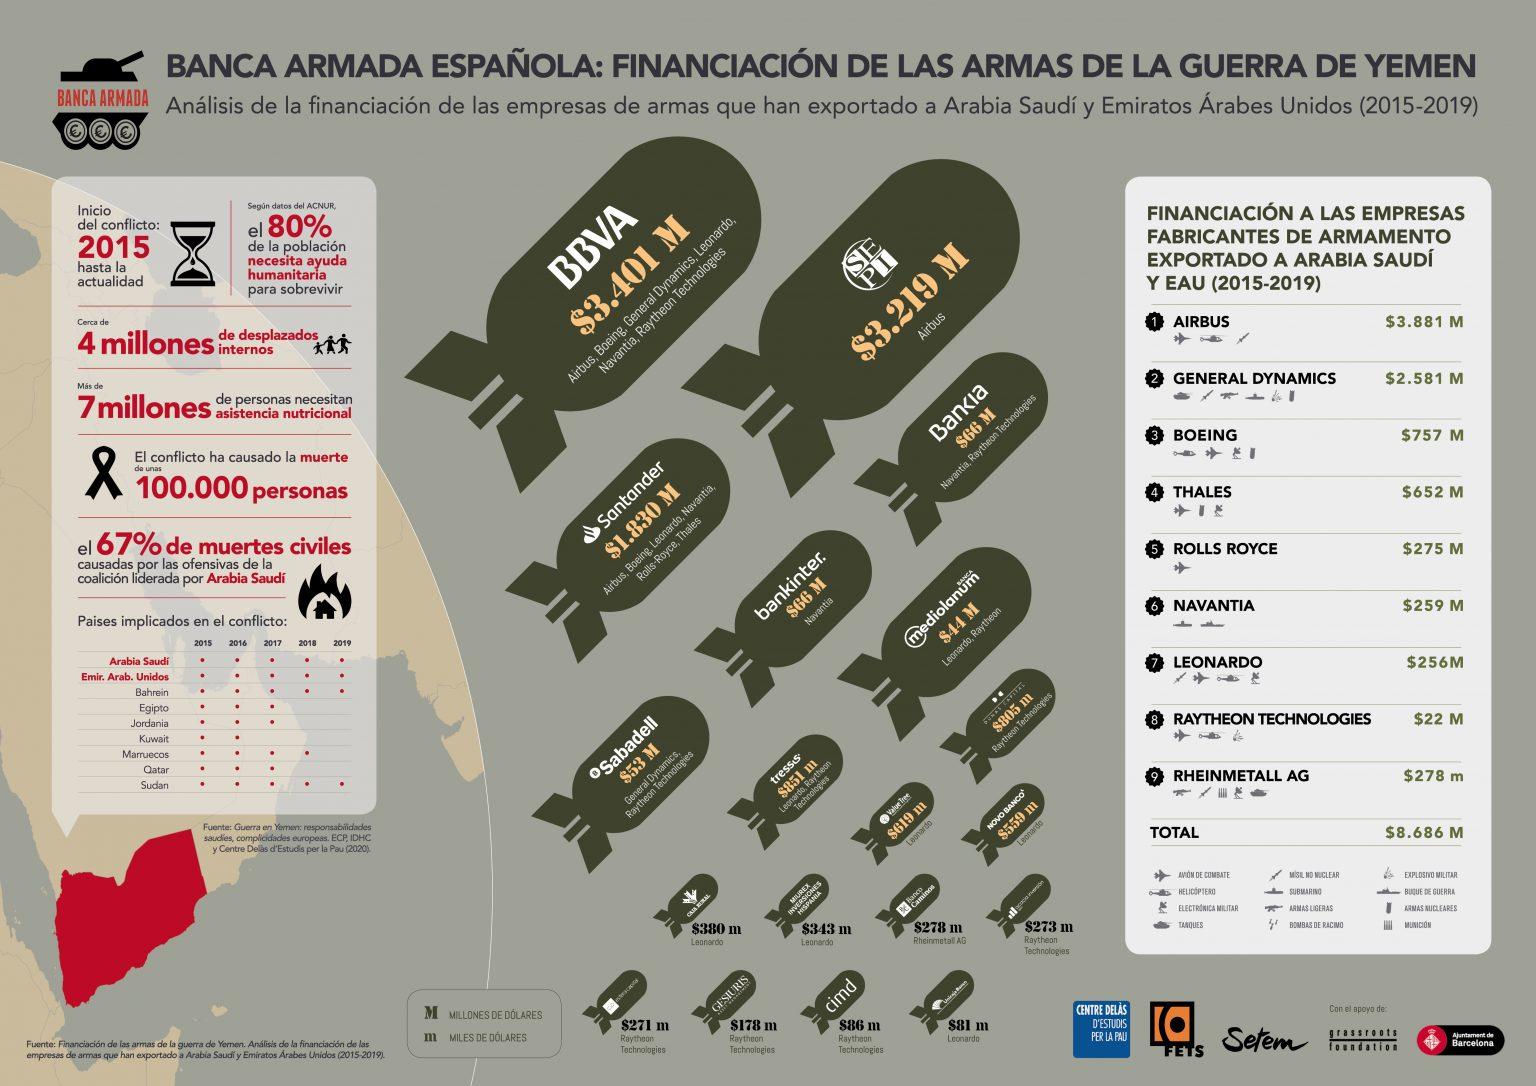 España: Industria militar y exportación de armas. Imperialismo capitalista y pacifismo... del otro lado. - Página 3 AF-Infografia-informe-Banca-Armada-Iemen-CAST-1536x1086